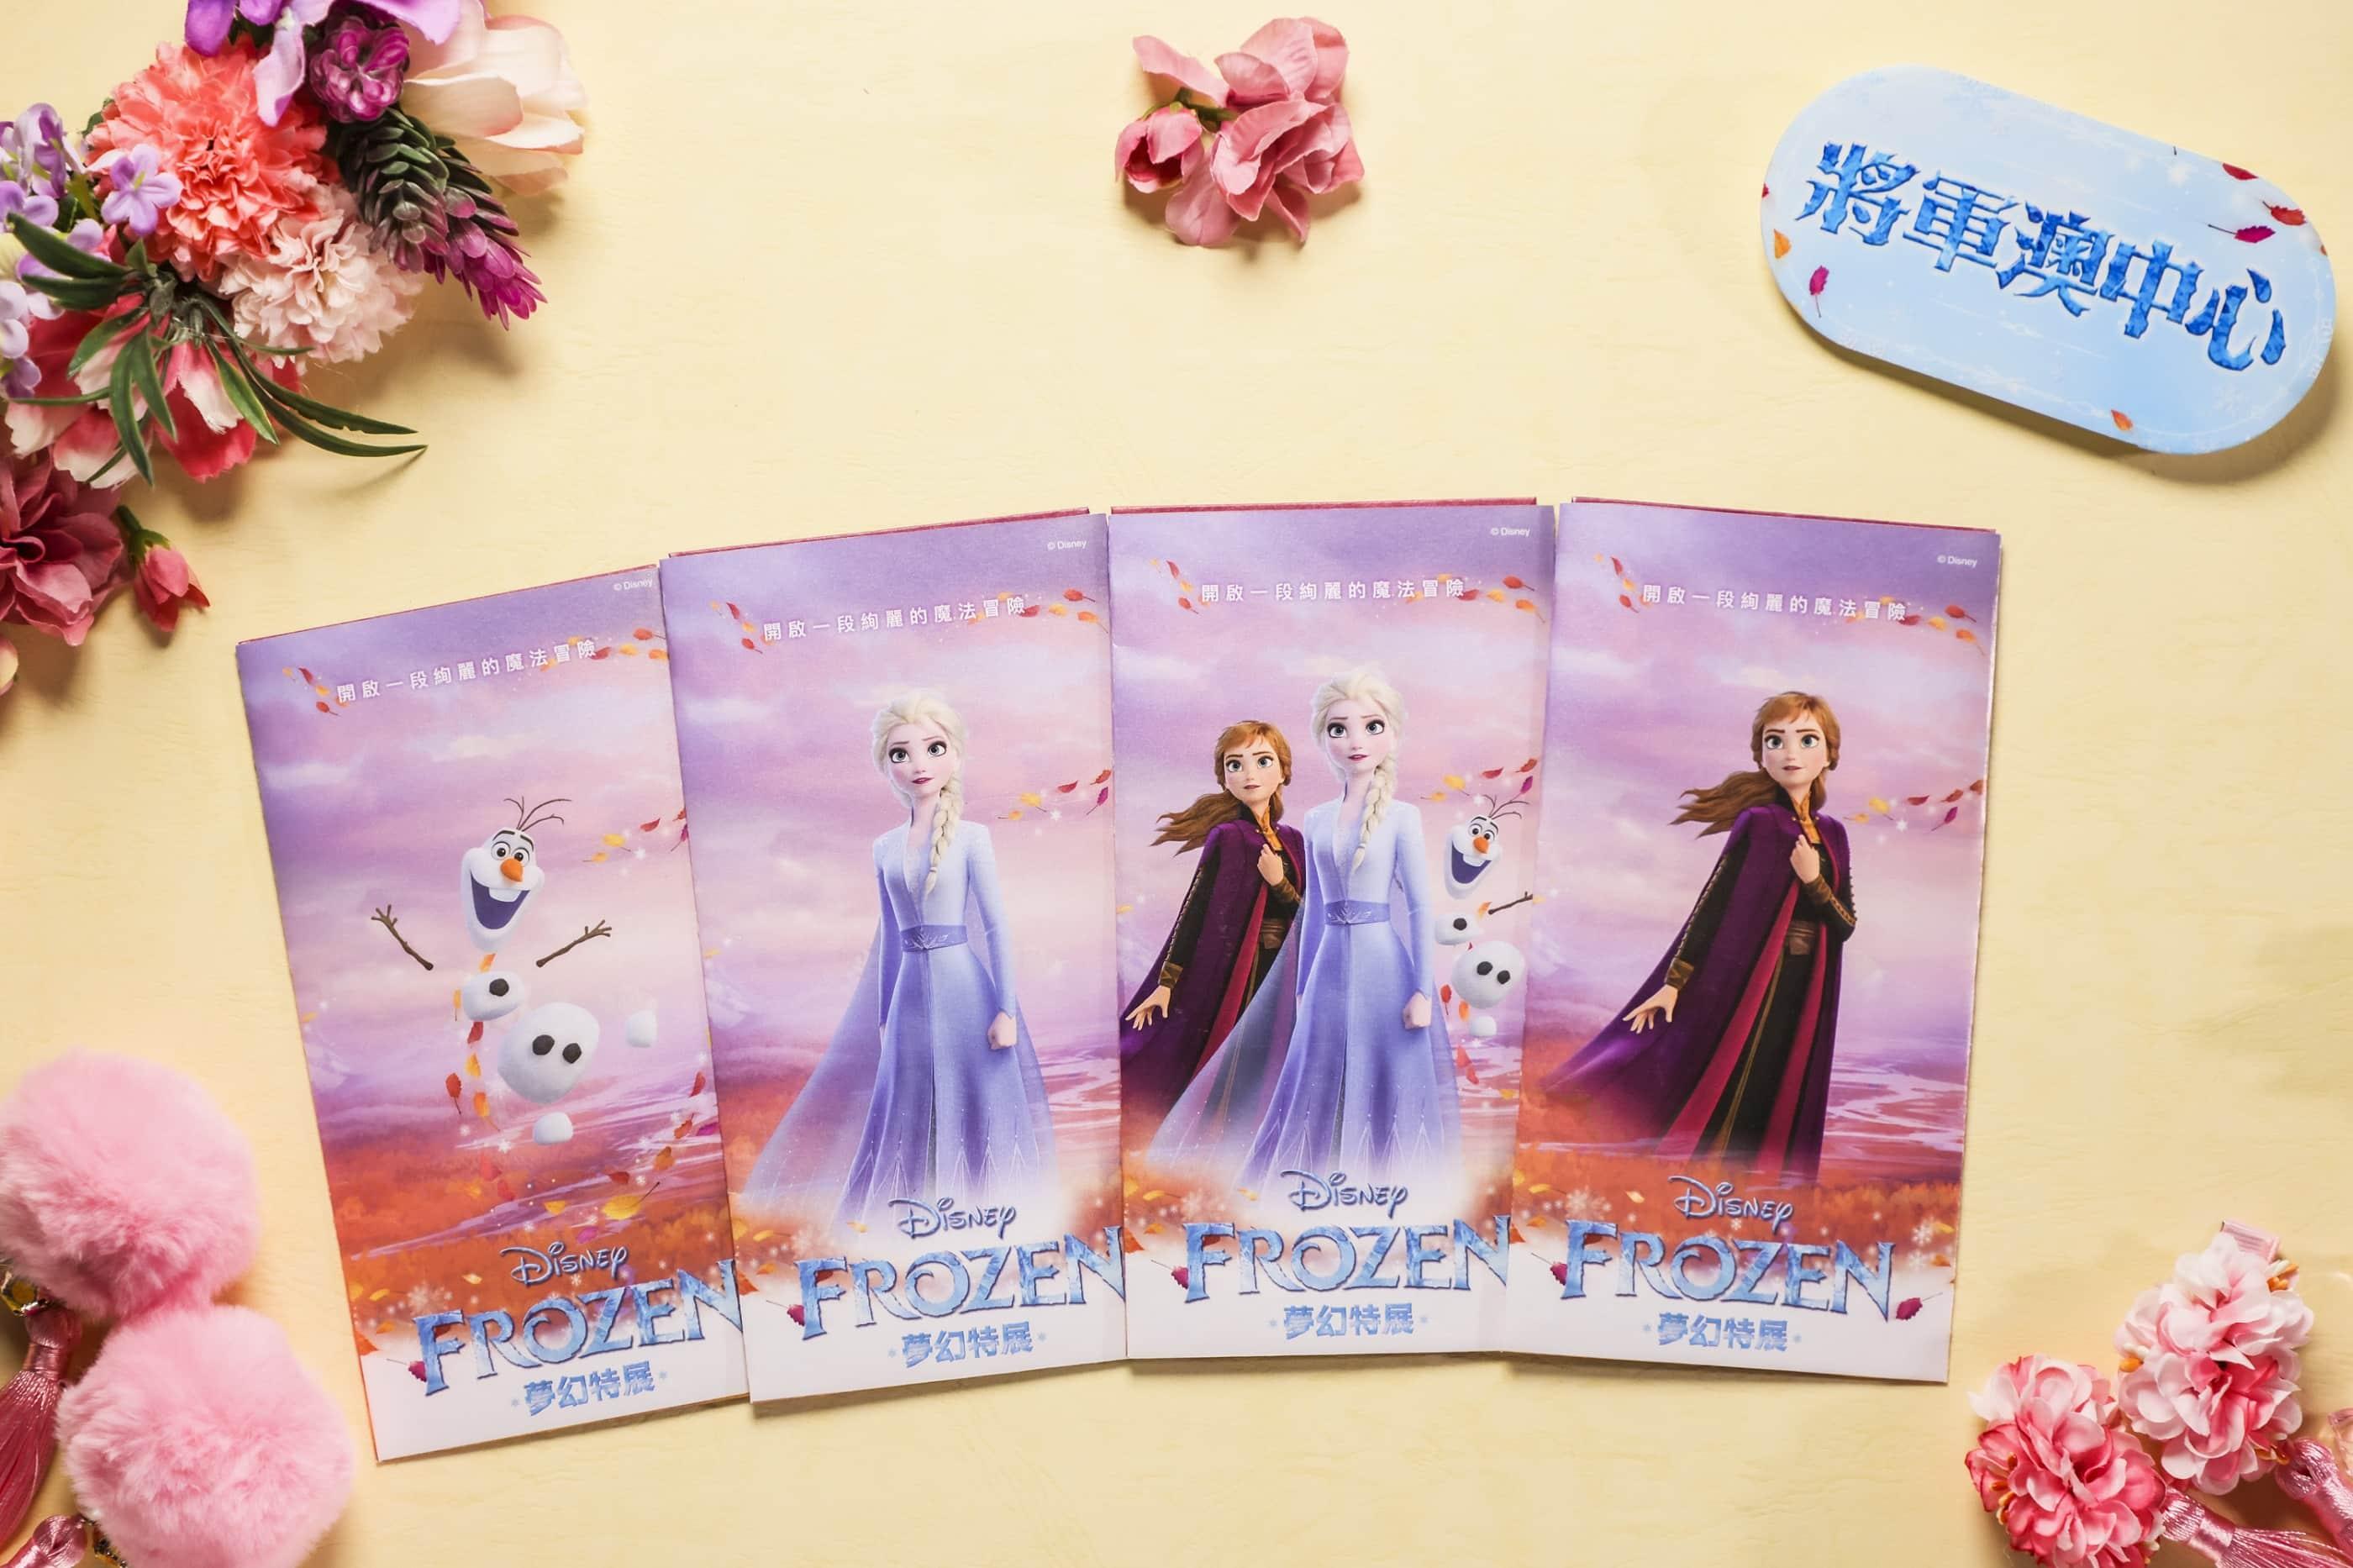 將軍澳中心:換領《魔雪奇緣2》人氣Frozen禮封及禮盒 1